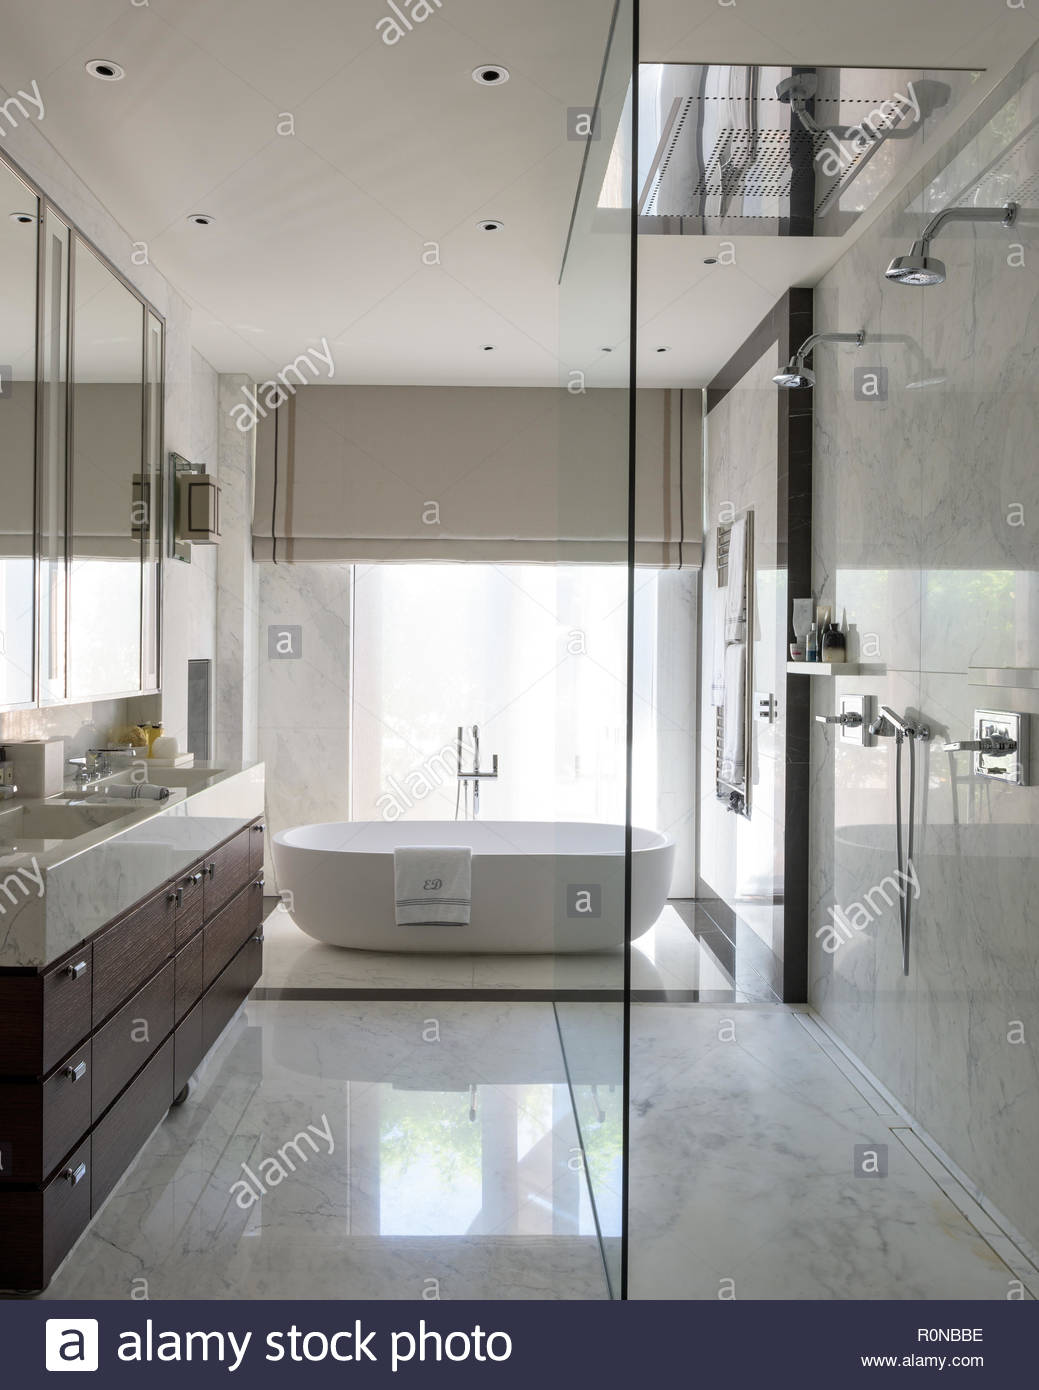 Freistehende Badewanne im klassischen Badezimmer Stockfoto, Bild ...